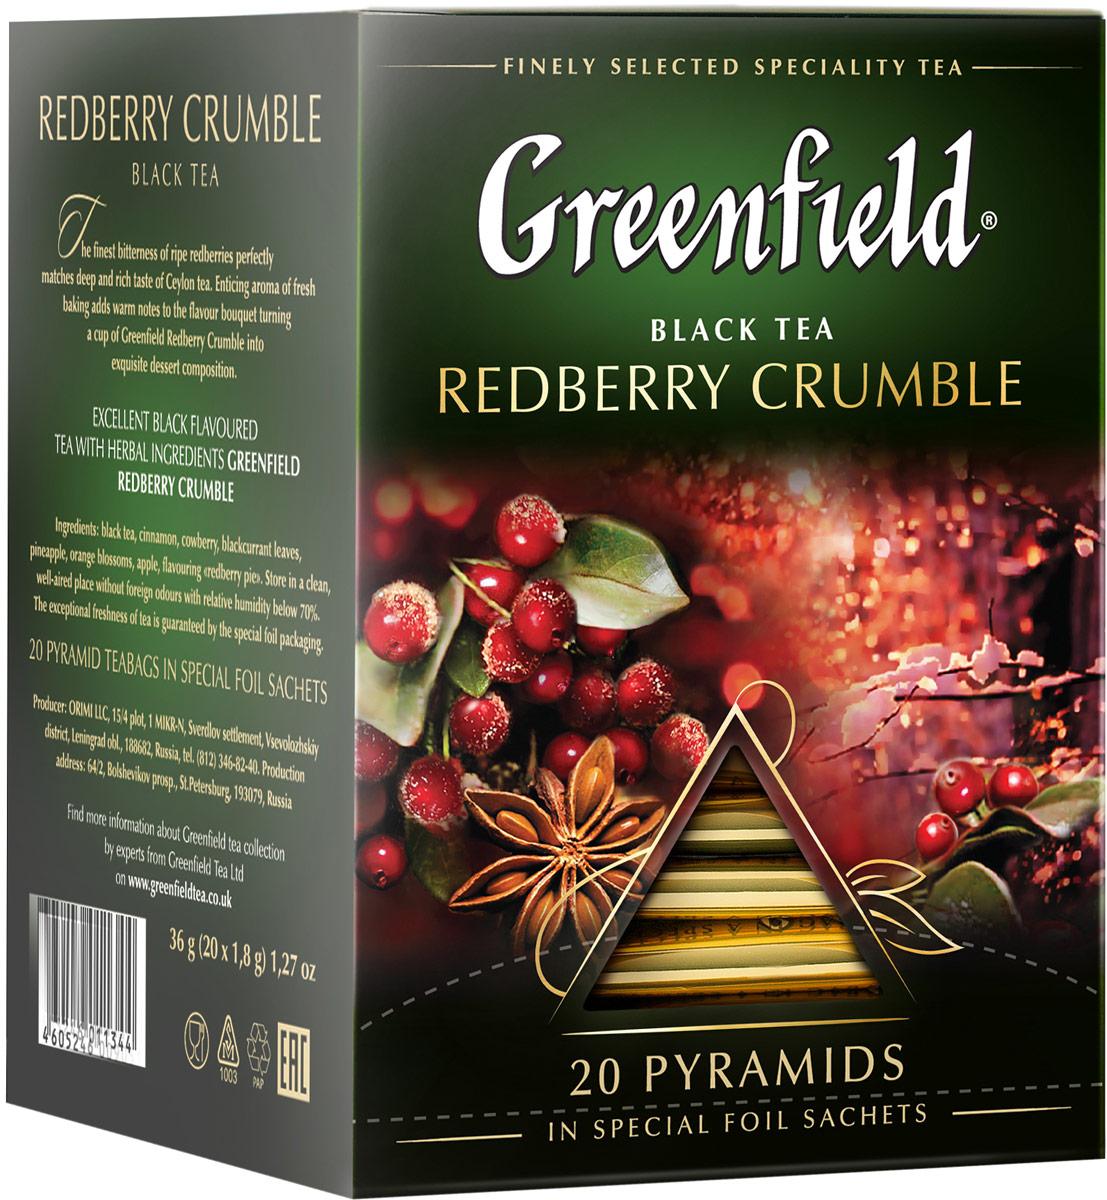 Greenfield Redberry Crumble черный чай в пирамидках, 20 шт1134-08Greenfield Redberry Crumble - черный чай с брусникой в пирамидках. Тончайшая горчинка спелой брусники великолепно сочетается с глубоким насыщенным вкусом цейлонского чая. Соблазнительный аромат свежей сдобы наполняет вкусовой букет теплыми нотами, превращая чашку чая Redberry Crumble в изысканную десертную композицию. Рекомендуем!